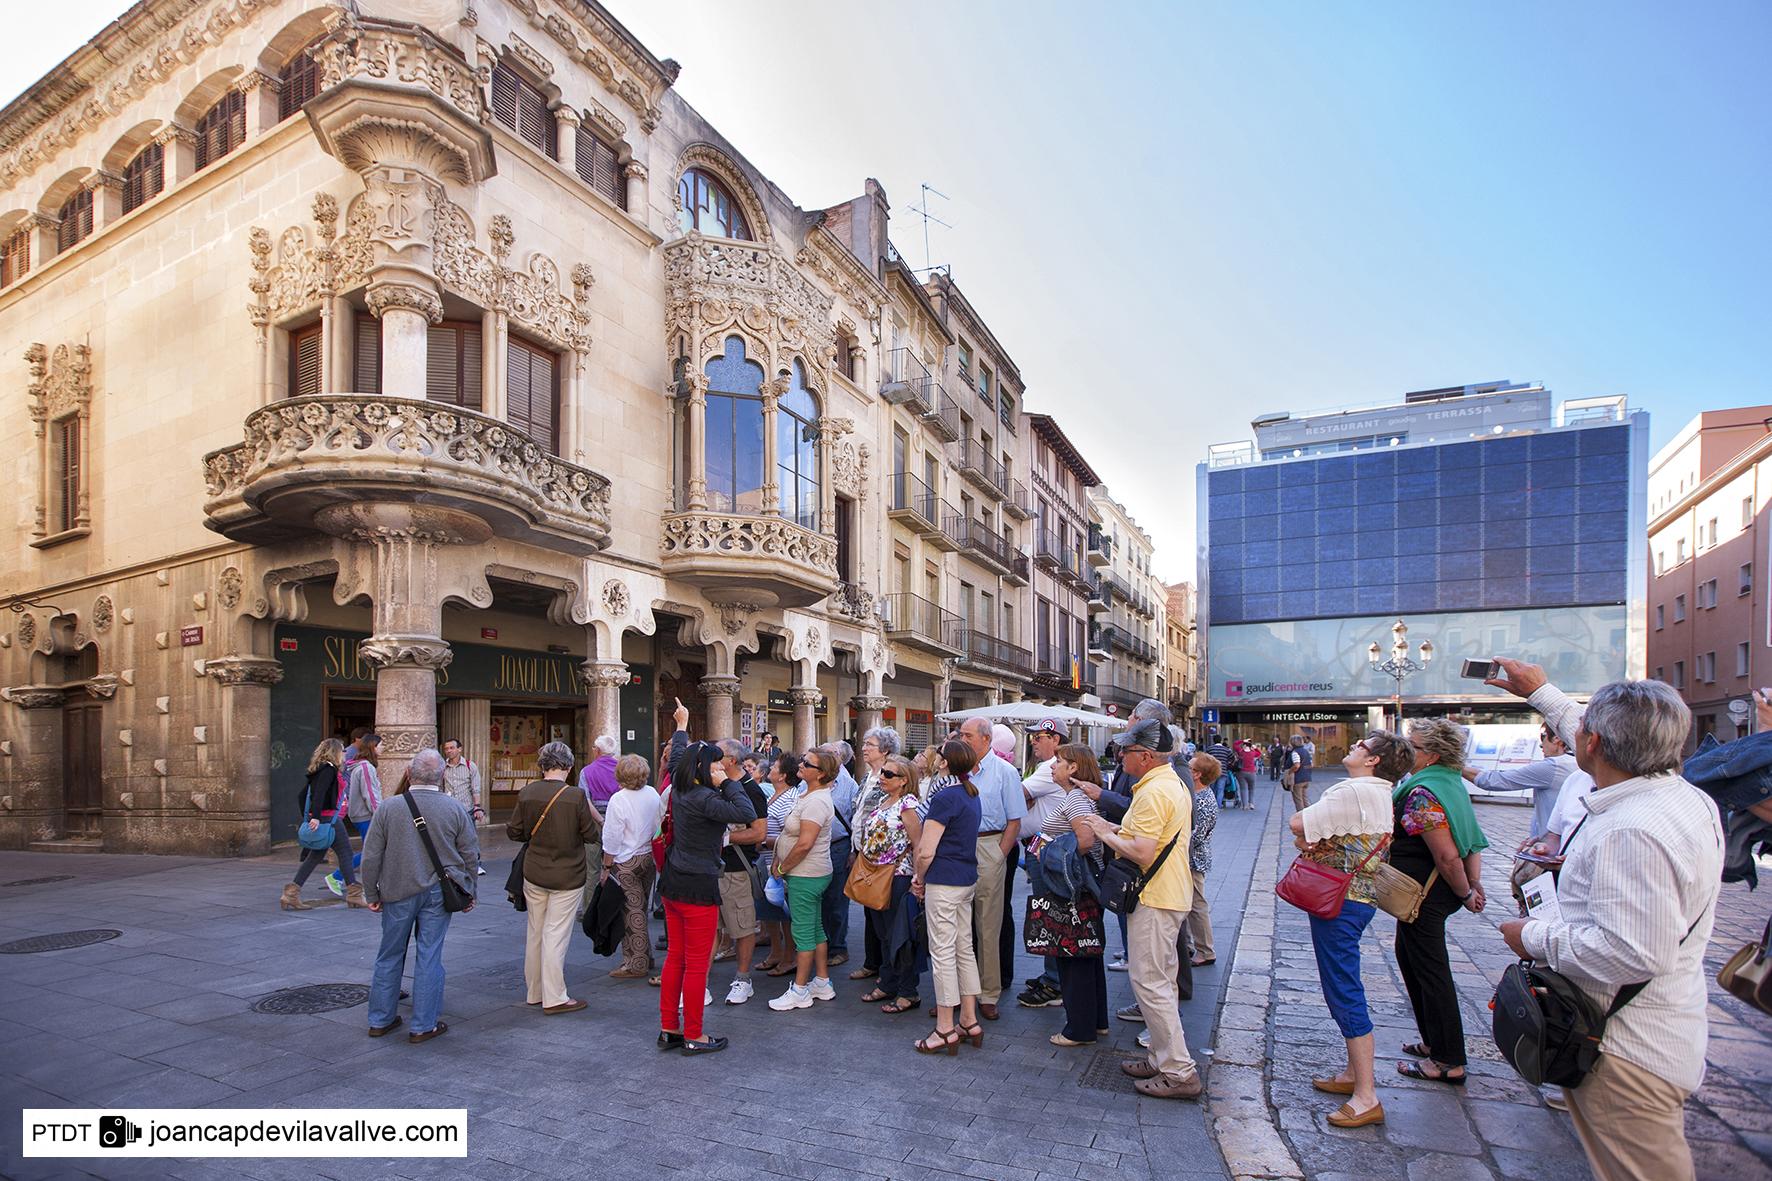 El Costa Victoria de Costa Cruceros hará cruceros desde Tarragona en 17 ocasiones en 2018. Puerto de Cruceros de Tarragona Patronat de Turisme de la Diputació de Tarragona